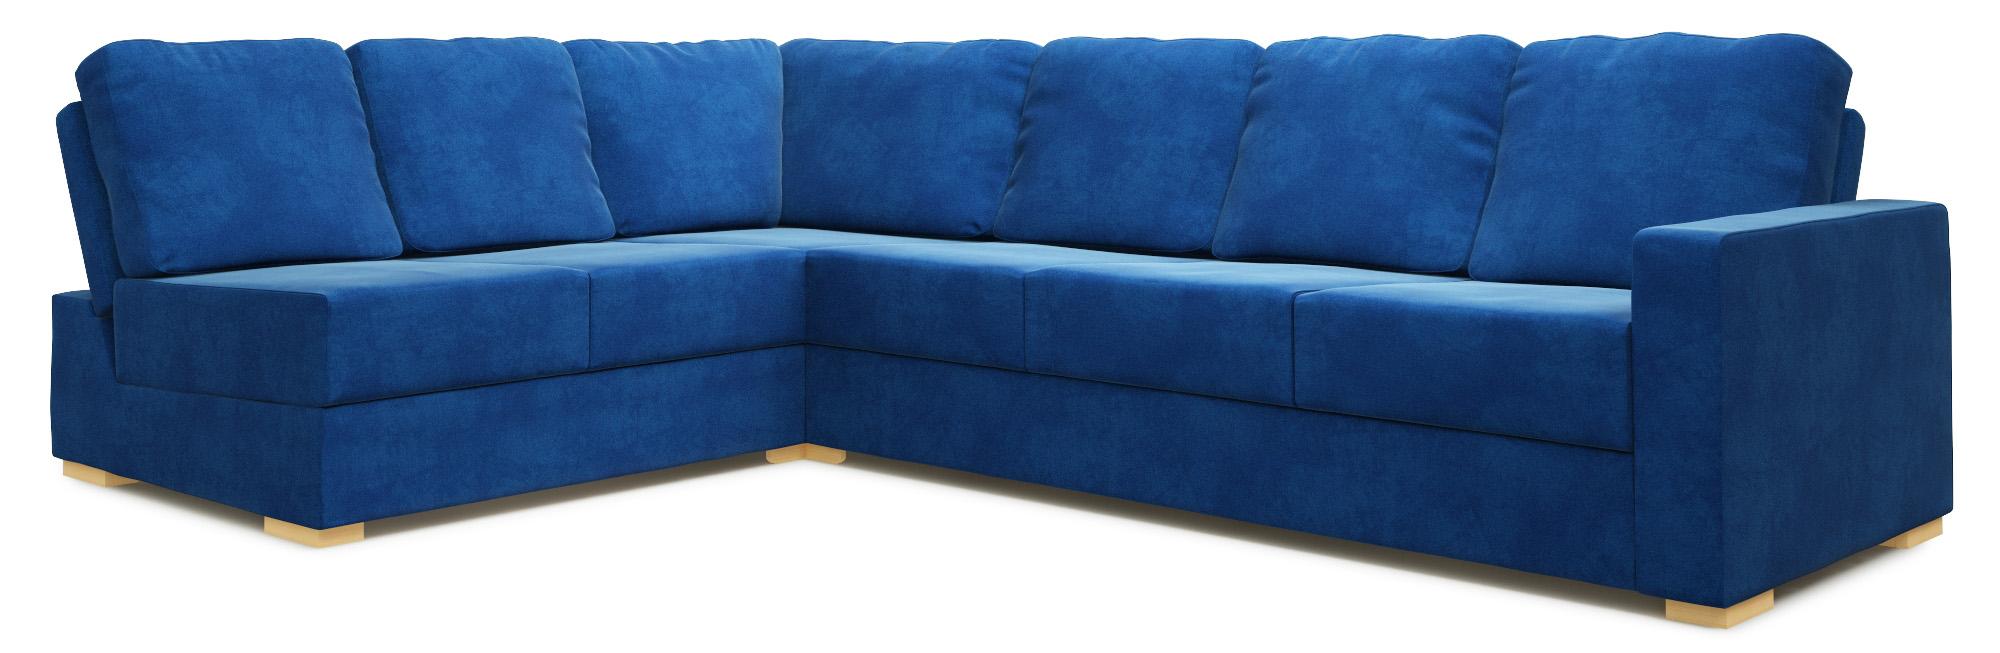 Lear Armless 4X3 Double Sofa Bed